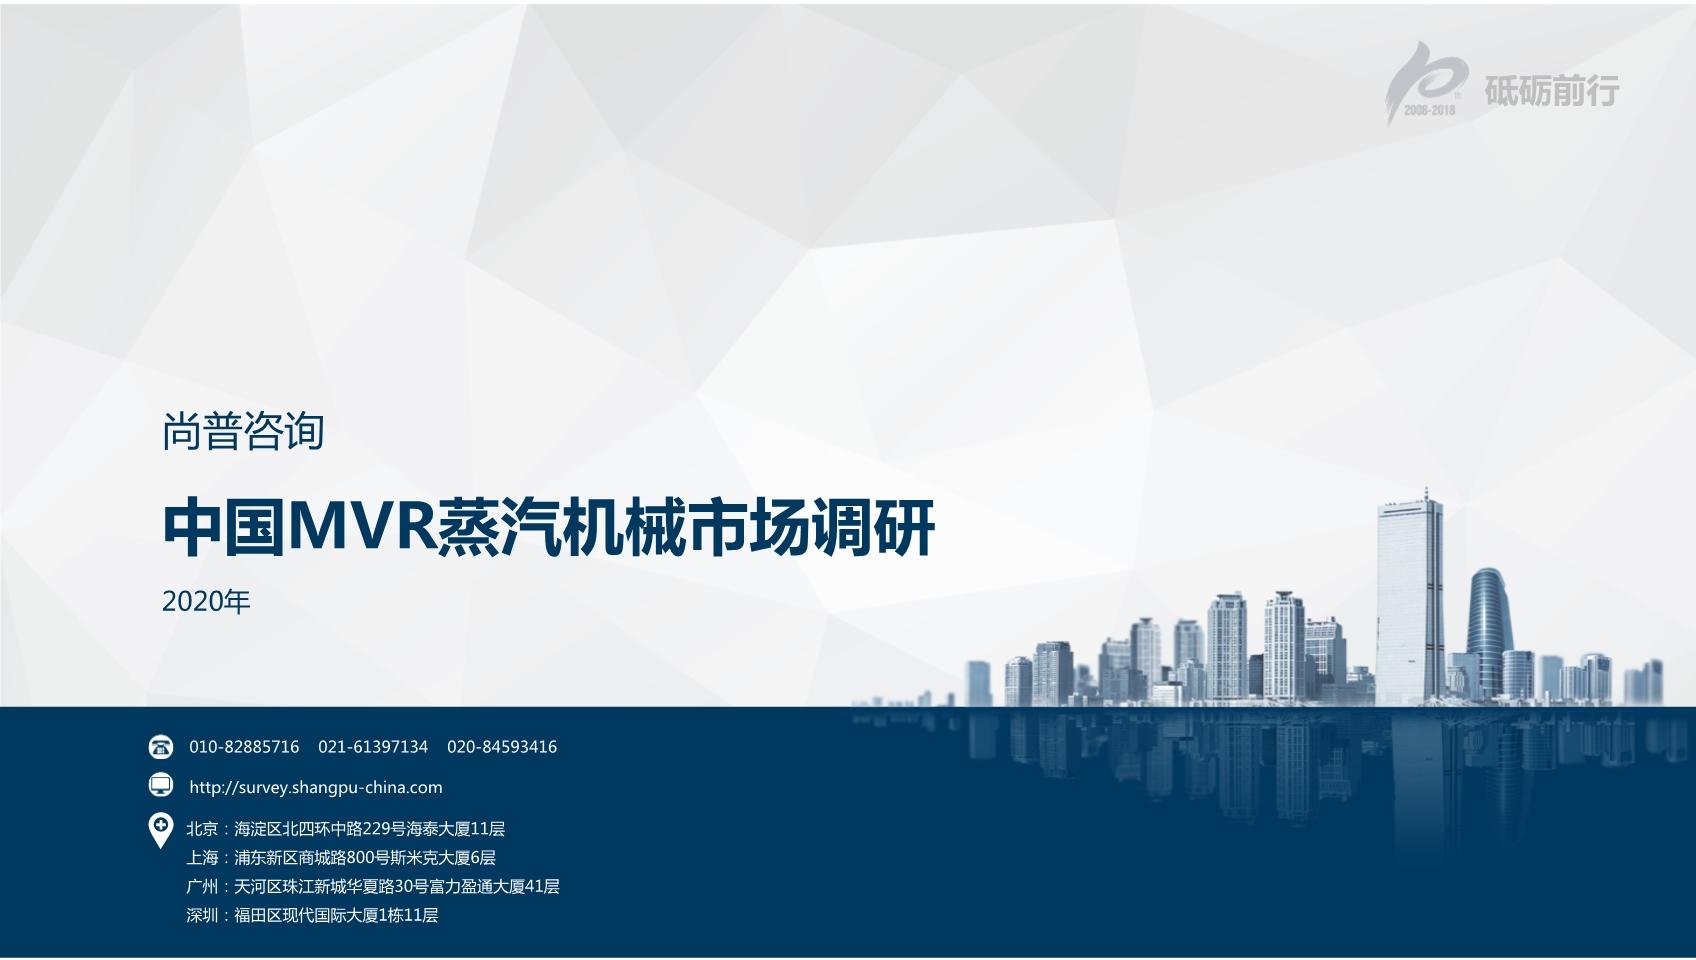 尚普咨询:2020年中国MVR蒸汽机械市场调研